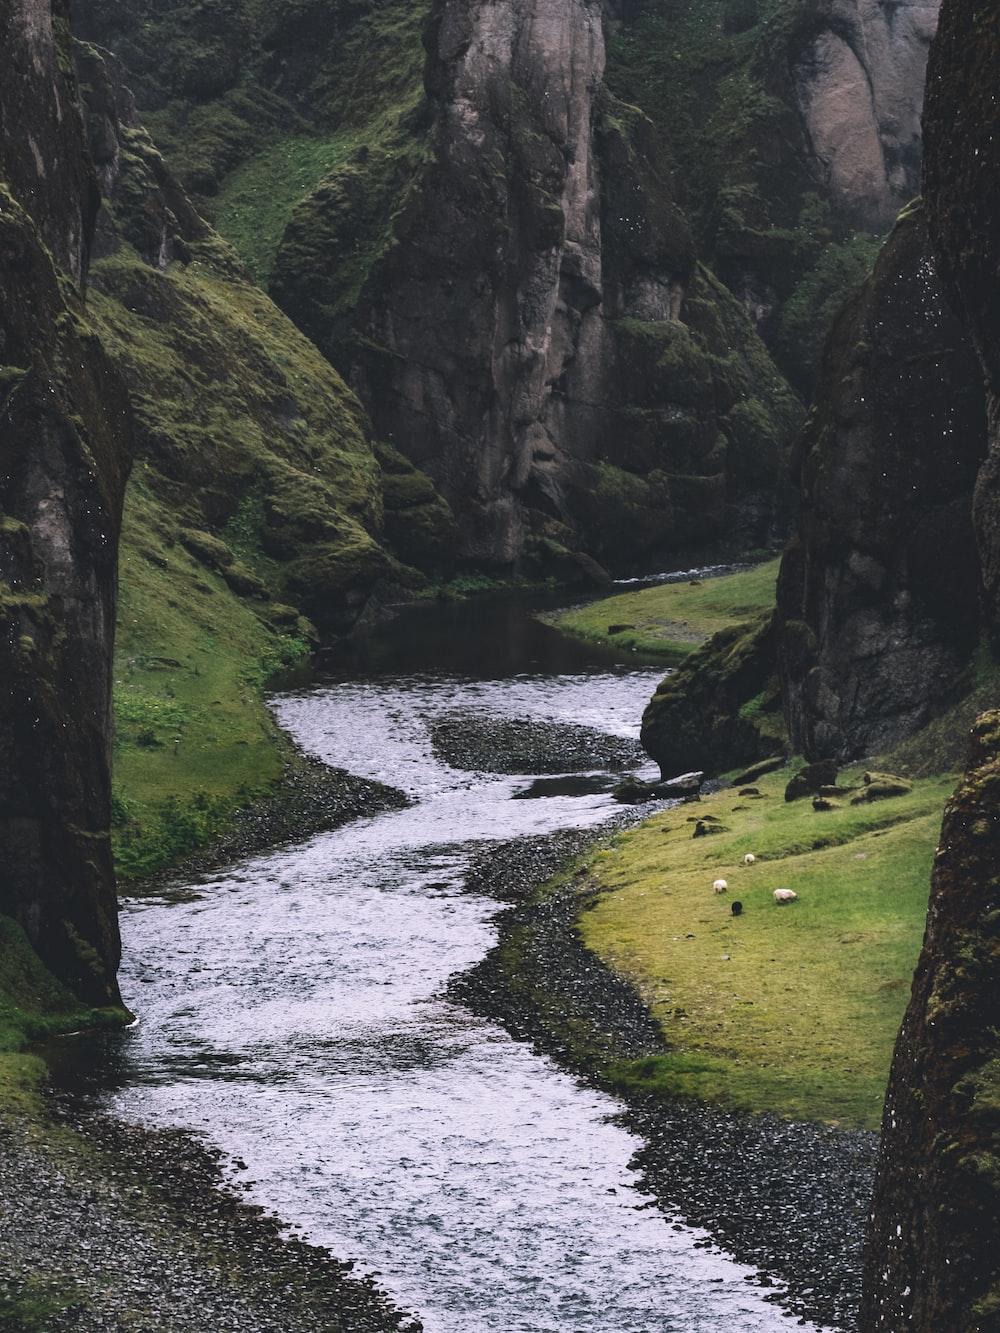 photo of stream